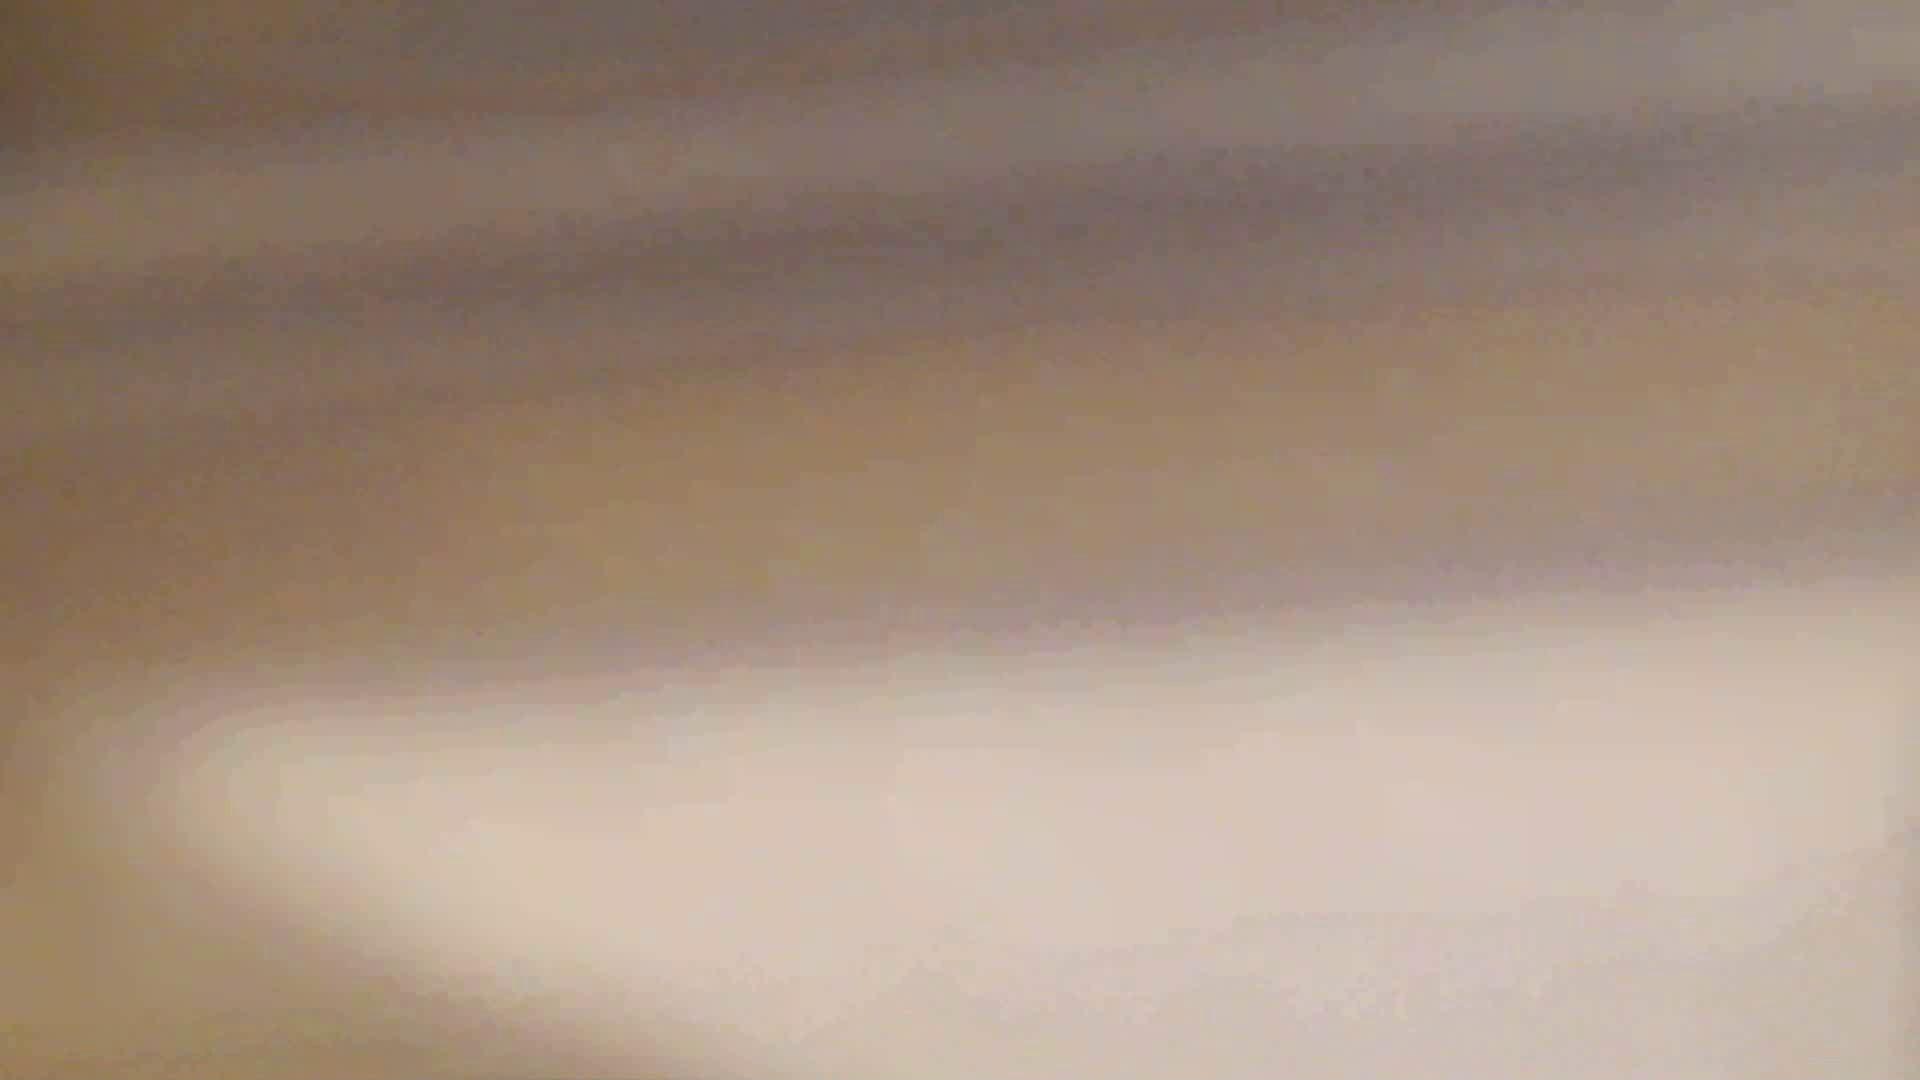 阿国ちゃんの「和式洋式七変化」No.17 洗面所   丸見えマンコ  95画像 88